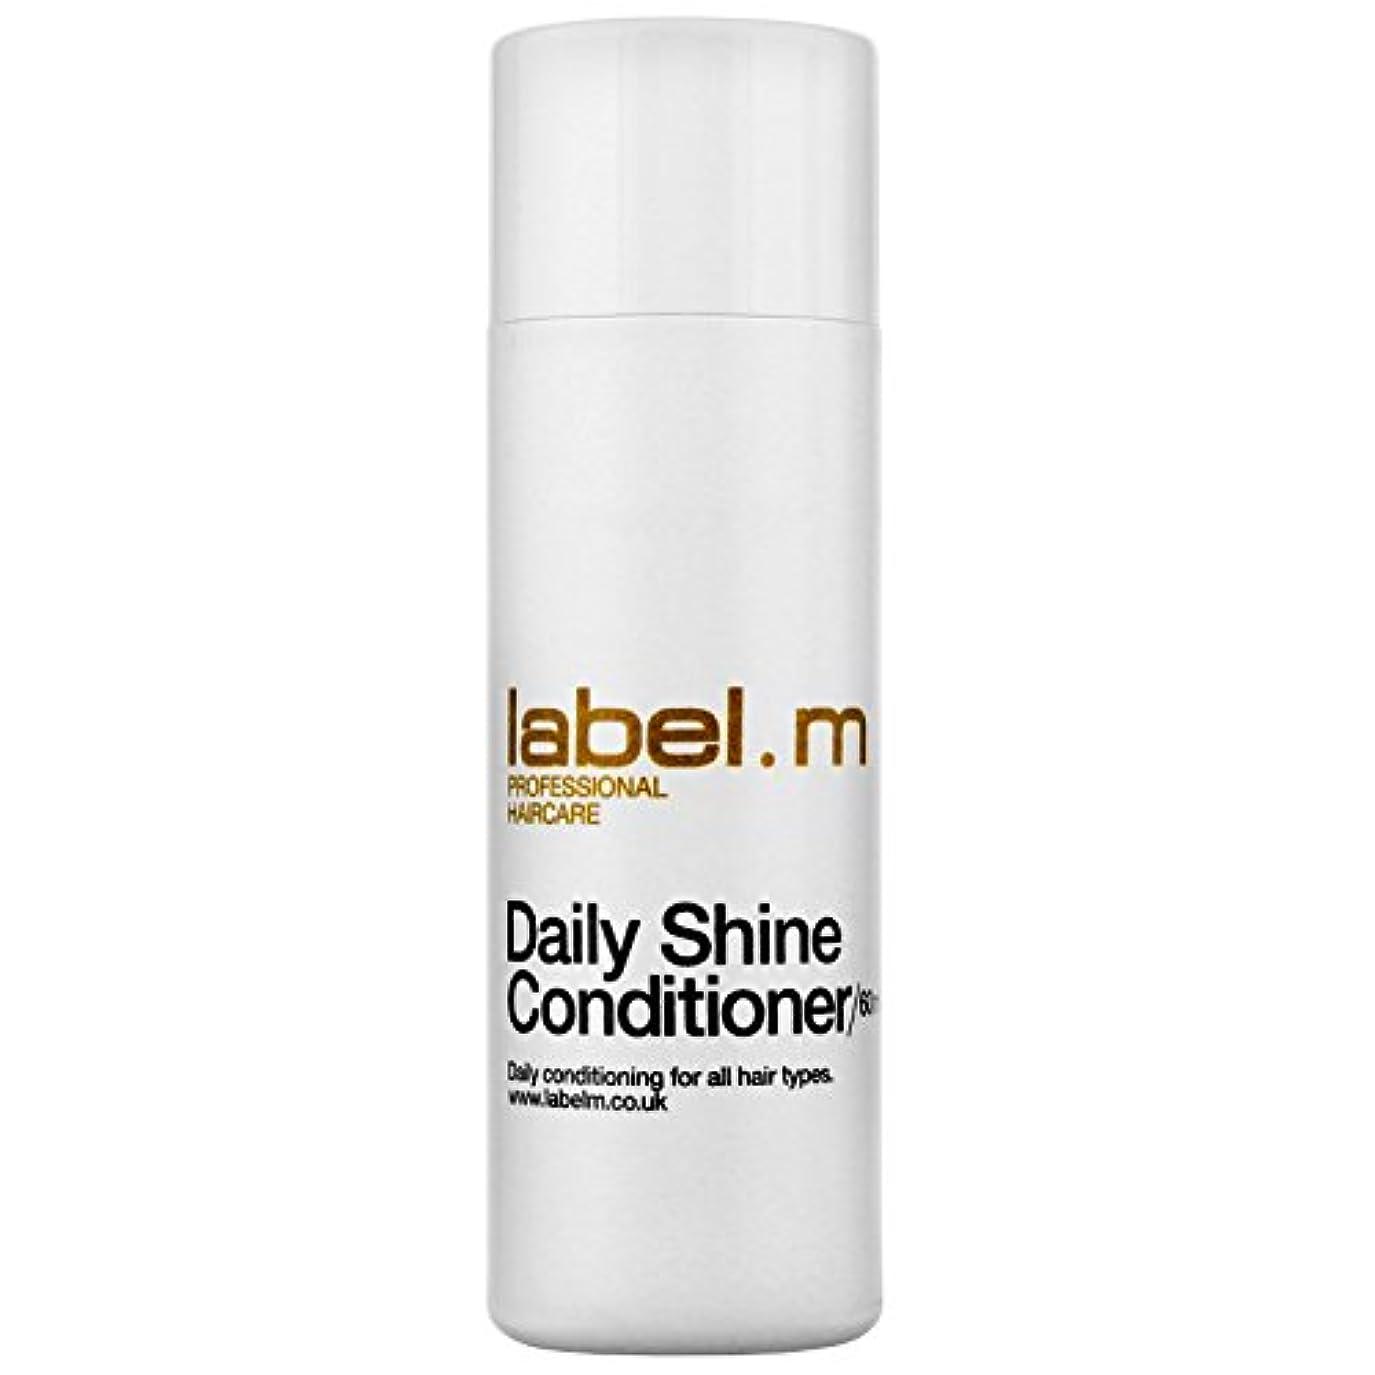 北東失業者助けになるLabel.M Professional Haircare ラベルMデイリーシャインコンディショナー60ミリリットルによって条件